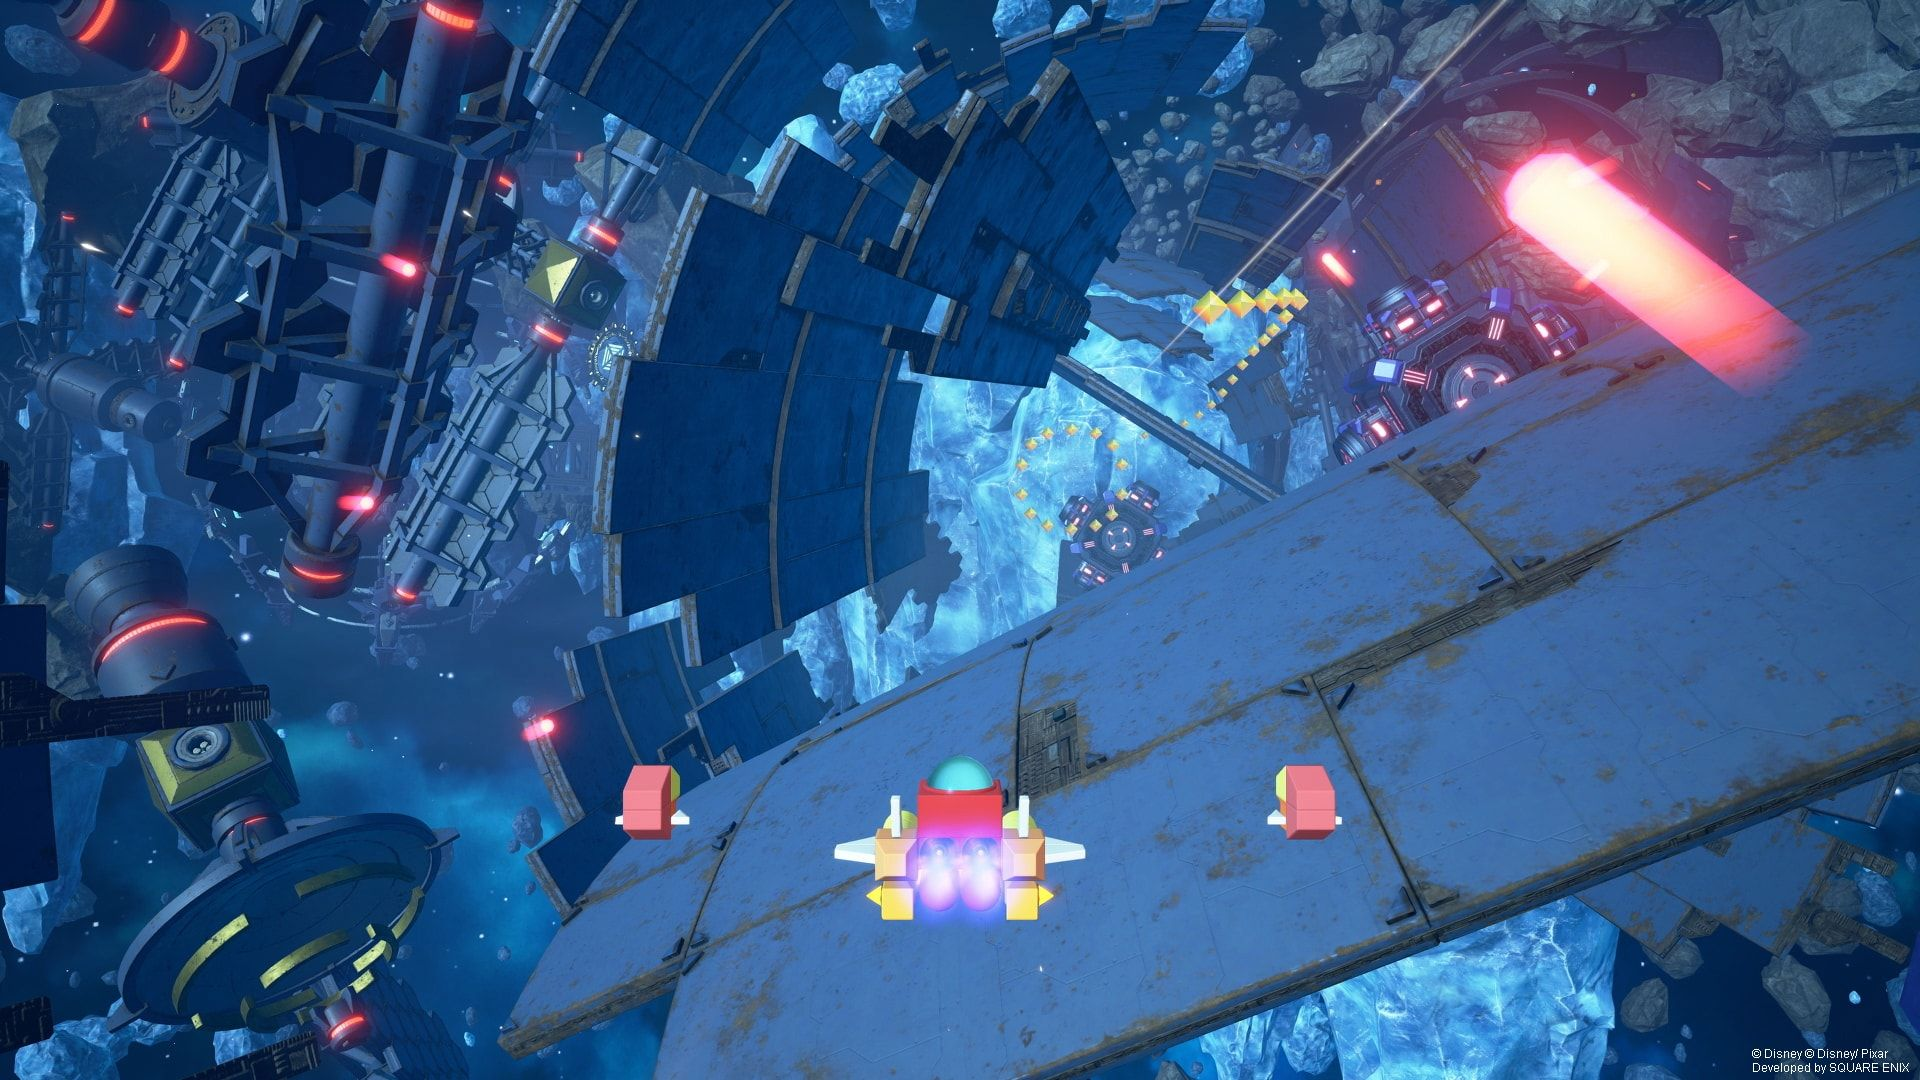 Risultati immagini per kingdom hearts 3 gummi ship